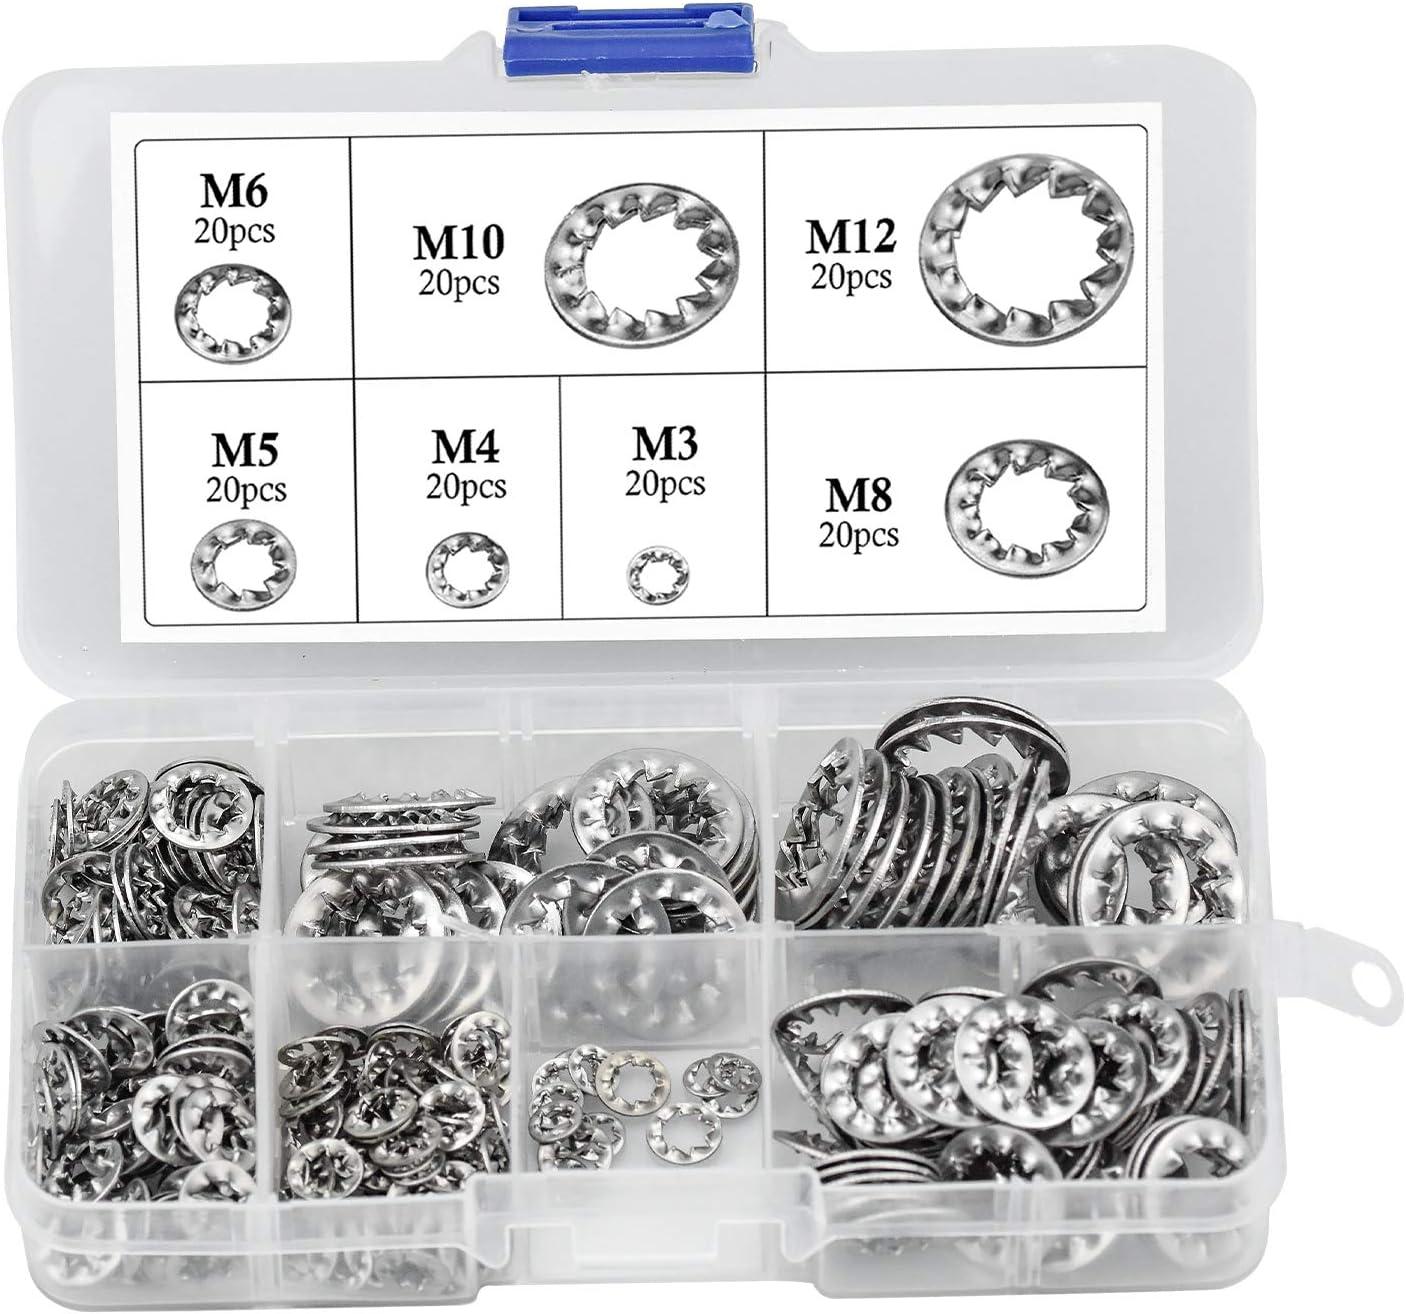 270 Piezas Arandelas de bloqueo de dientes internos acero inoxidable Arandelas de seguridad de M3 M4 M5 M6 M8 M10 M12 Kit